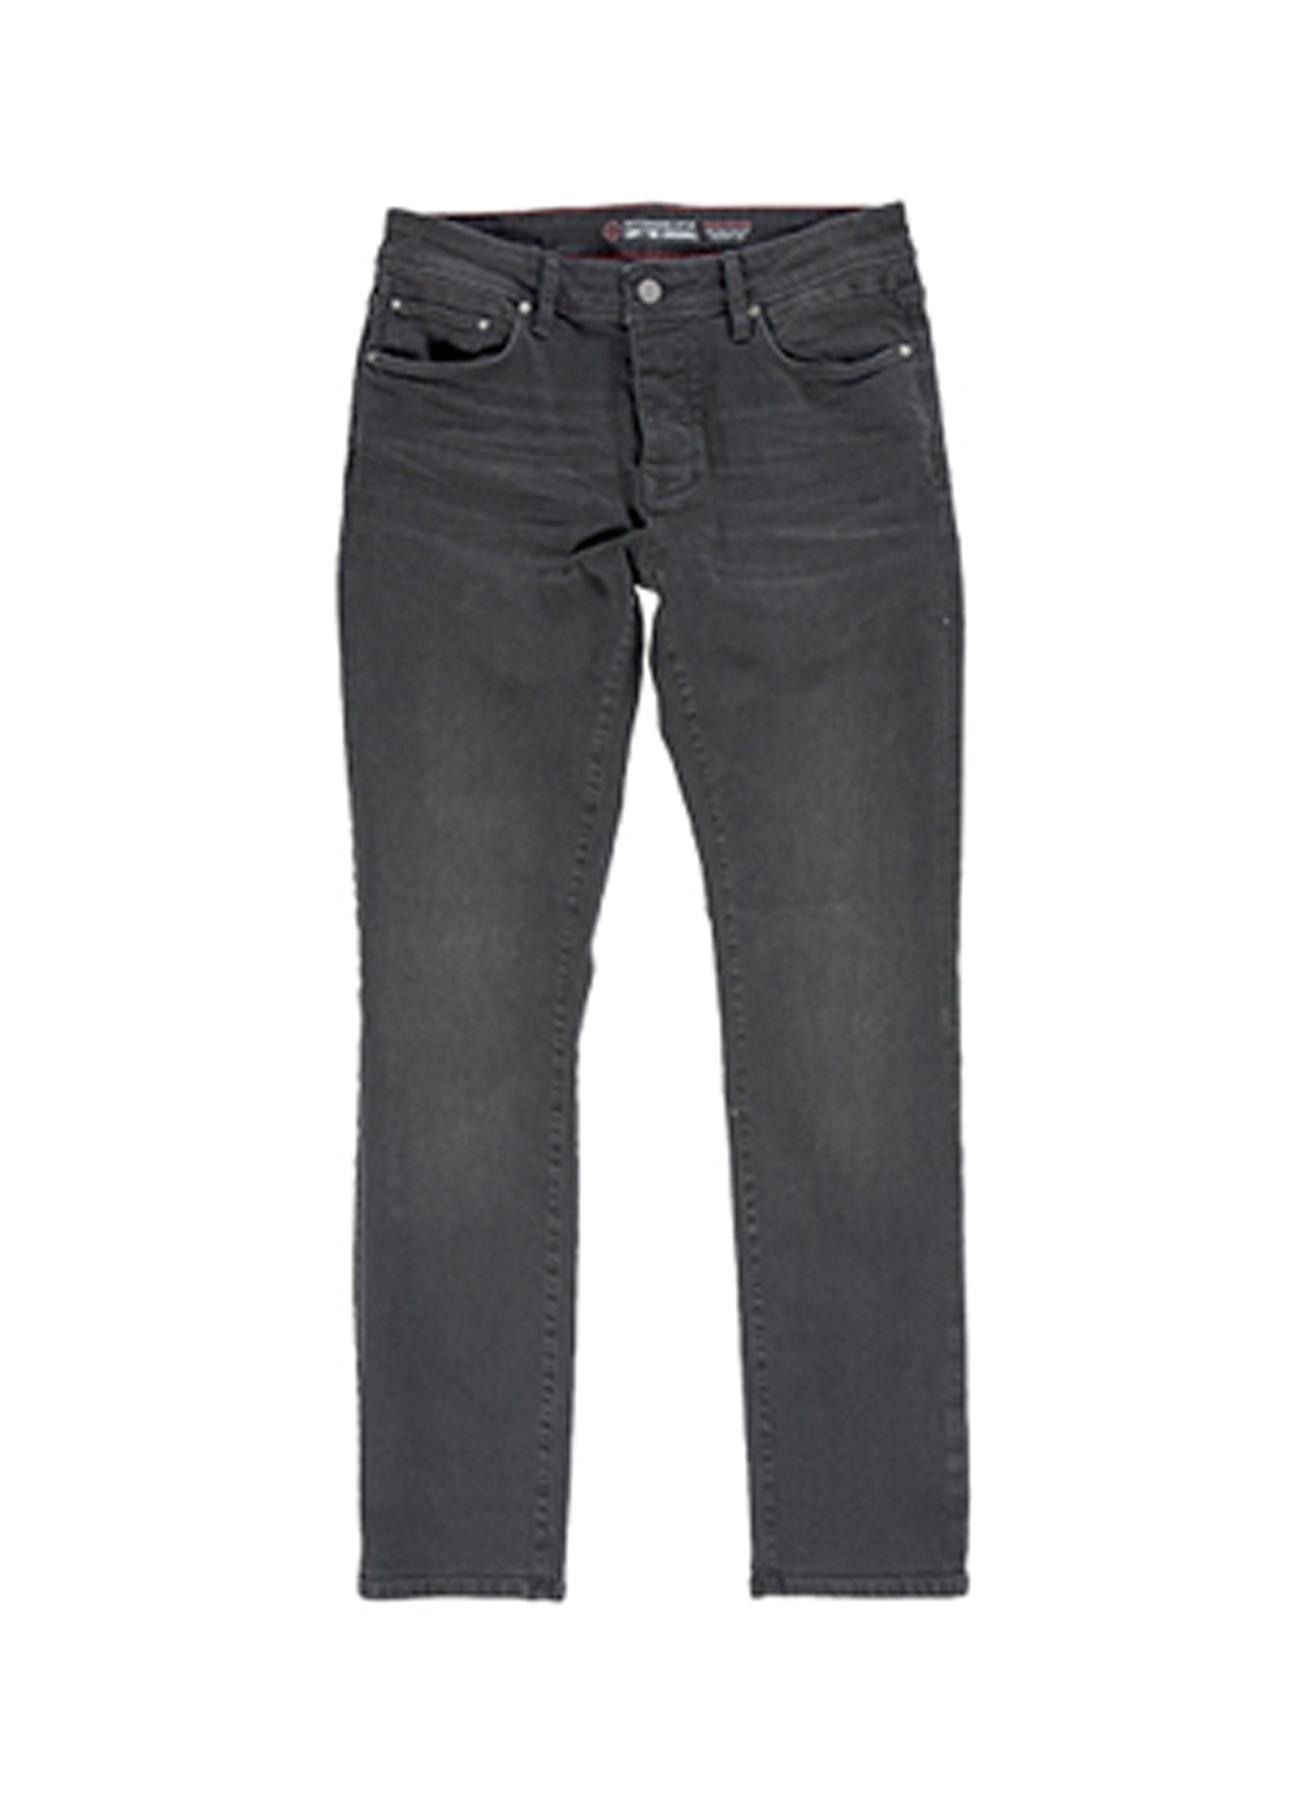 Loft Siyah Klasik Pantolon 30-32 5000201918003 Ürün Resmi